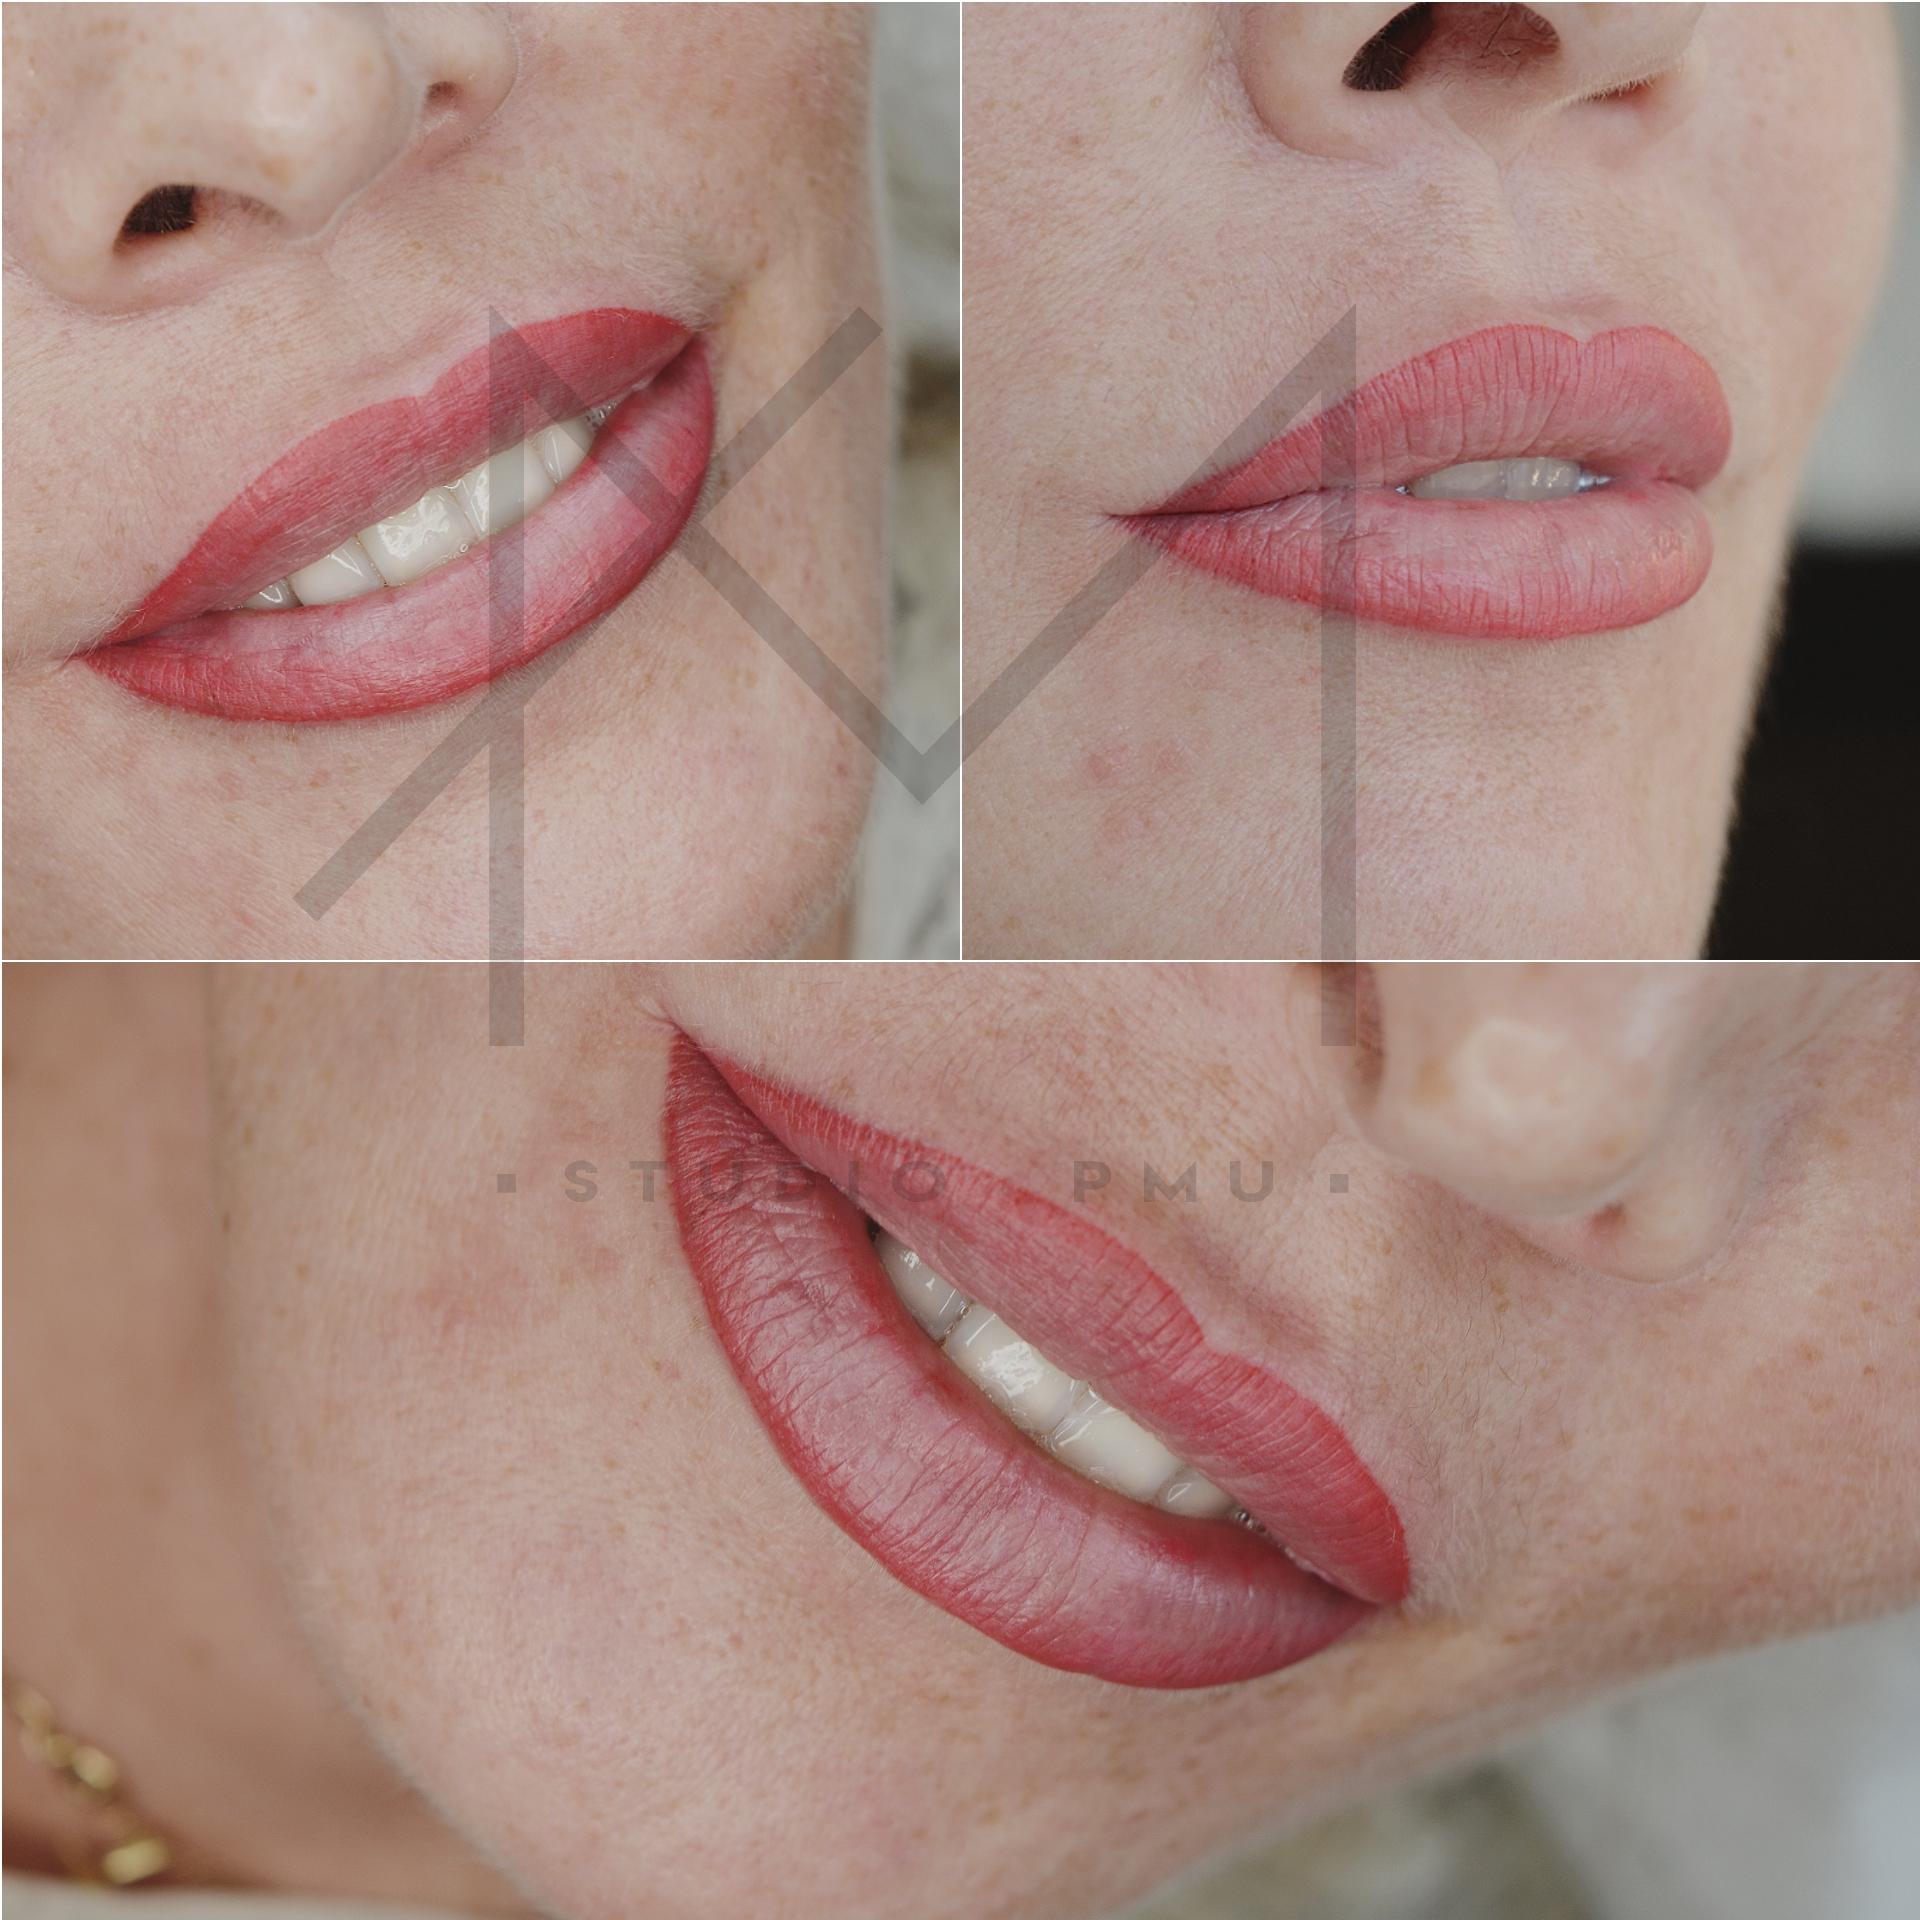 AMStudioPMU Łódź makijaż permanentny brwi makijaż permanentny ust makijaż permanentny powieki mikropigmentacja skóry głowy mikropigmentacjamedyczna skóry głowy